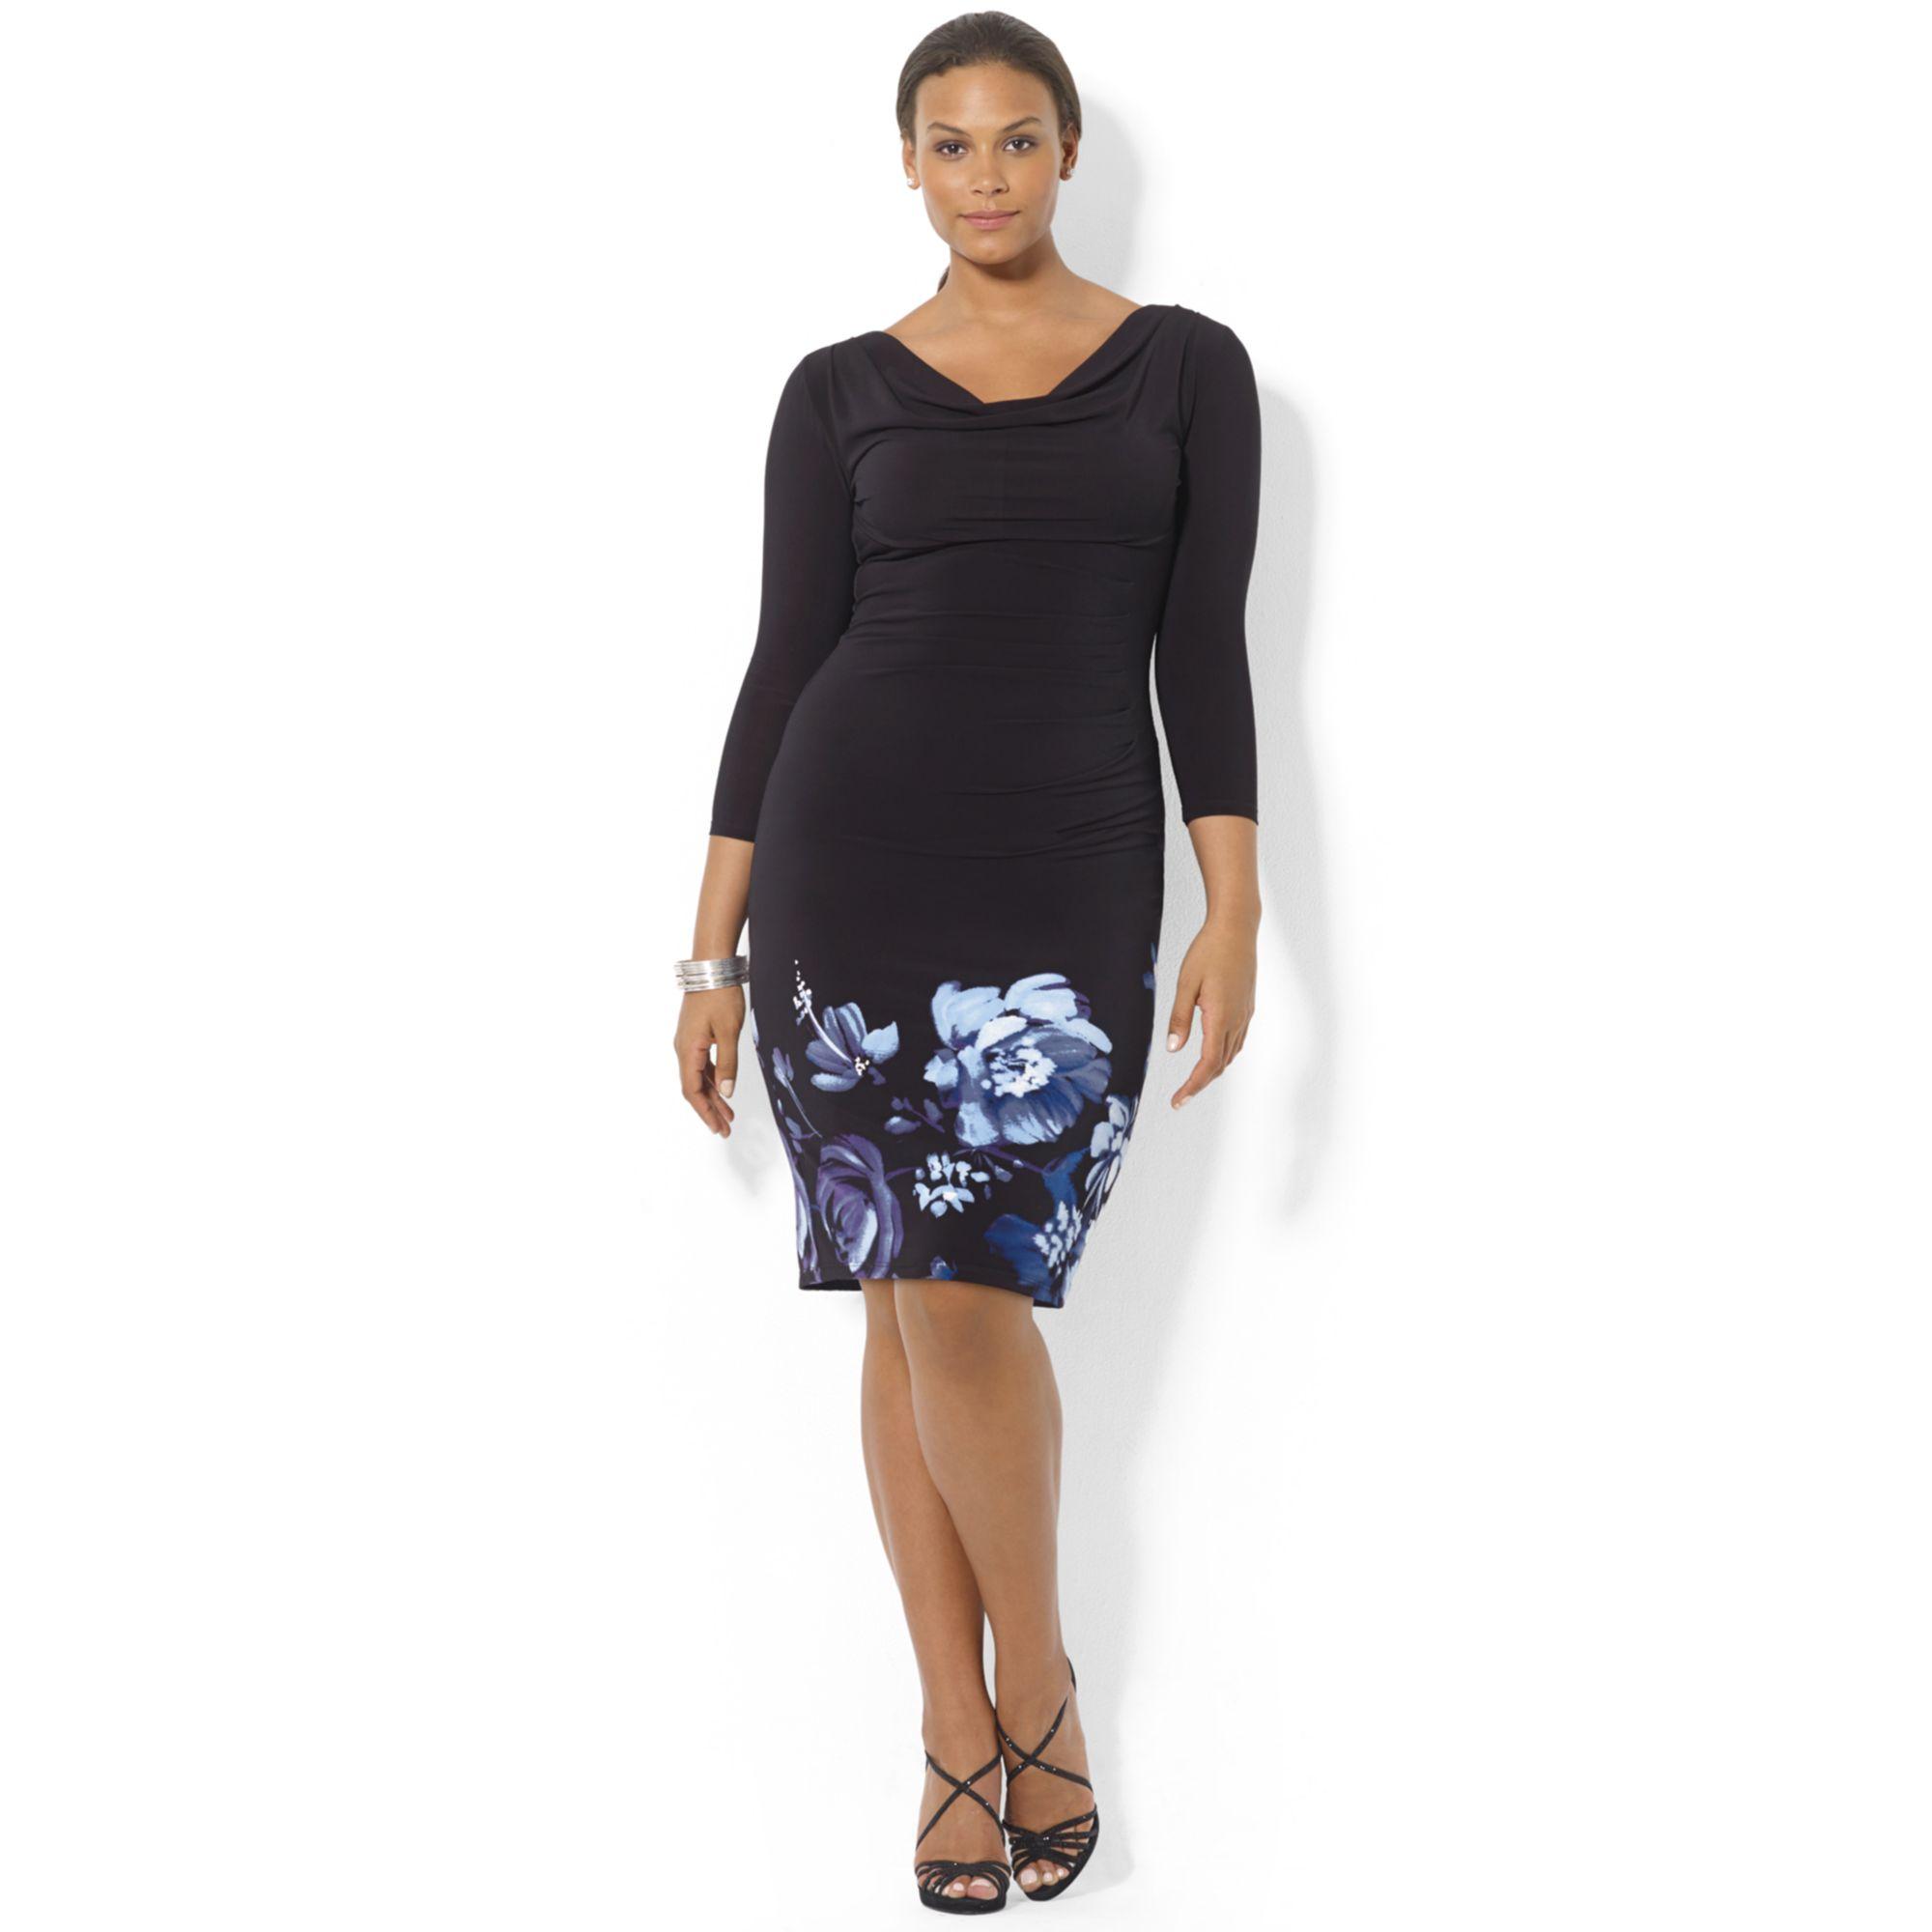 Lauren by ralph lauren Plus Size Long Sleeve Floral Print ...